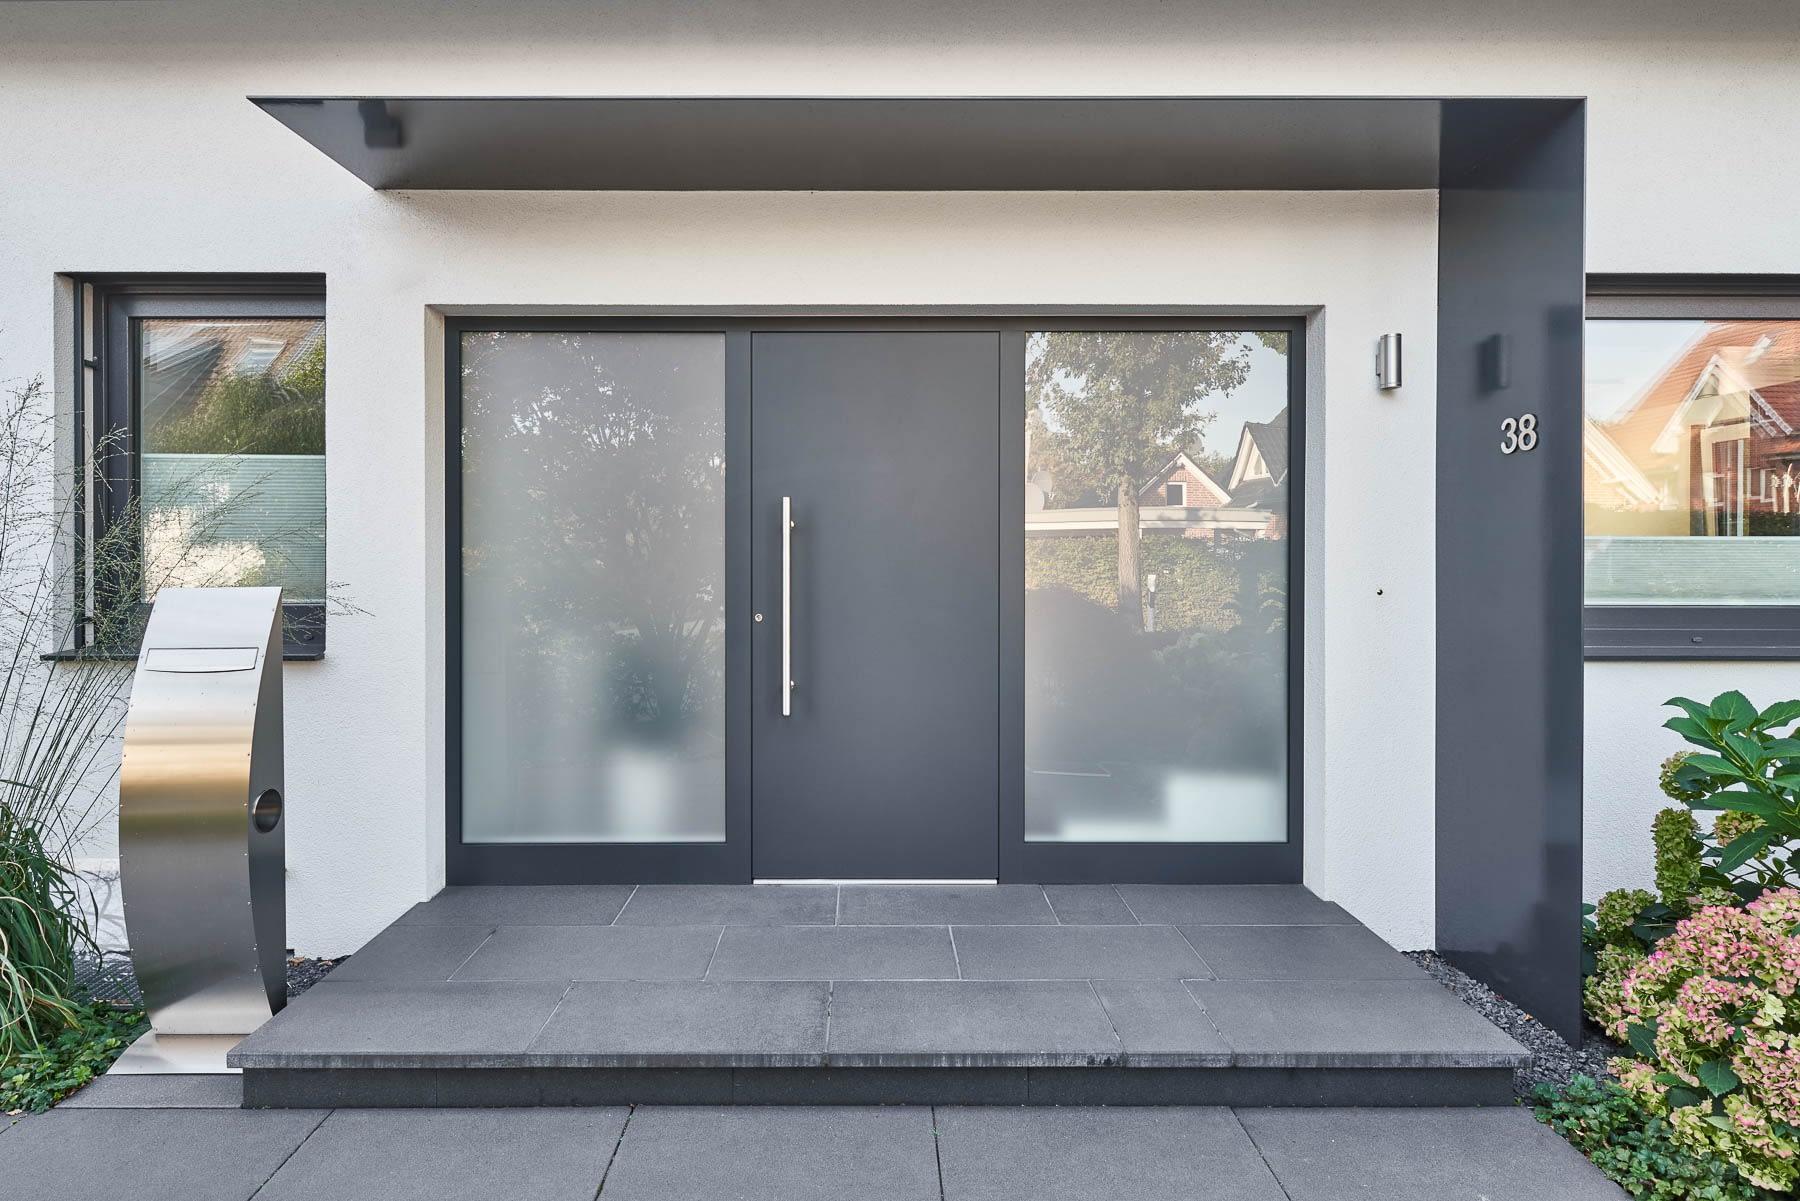 Aluminium Haustür in Anthrazit mit großen Glas-Seitenteilen